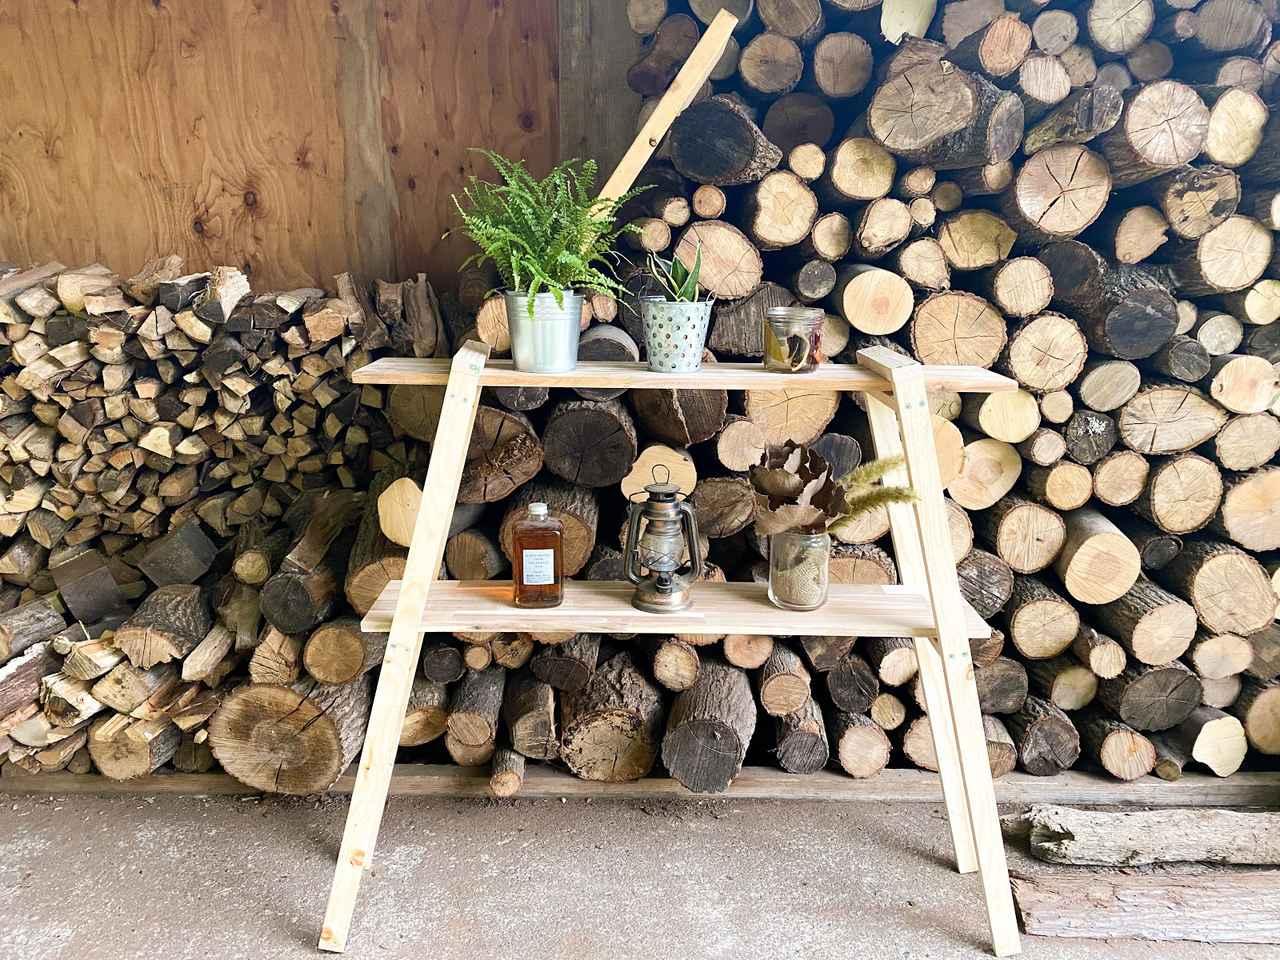 【初心者向けDIY】アカシア木材でシェルフ作り! 基本の道具や簡単手順をご紹介